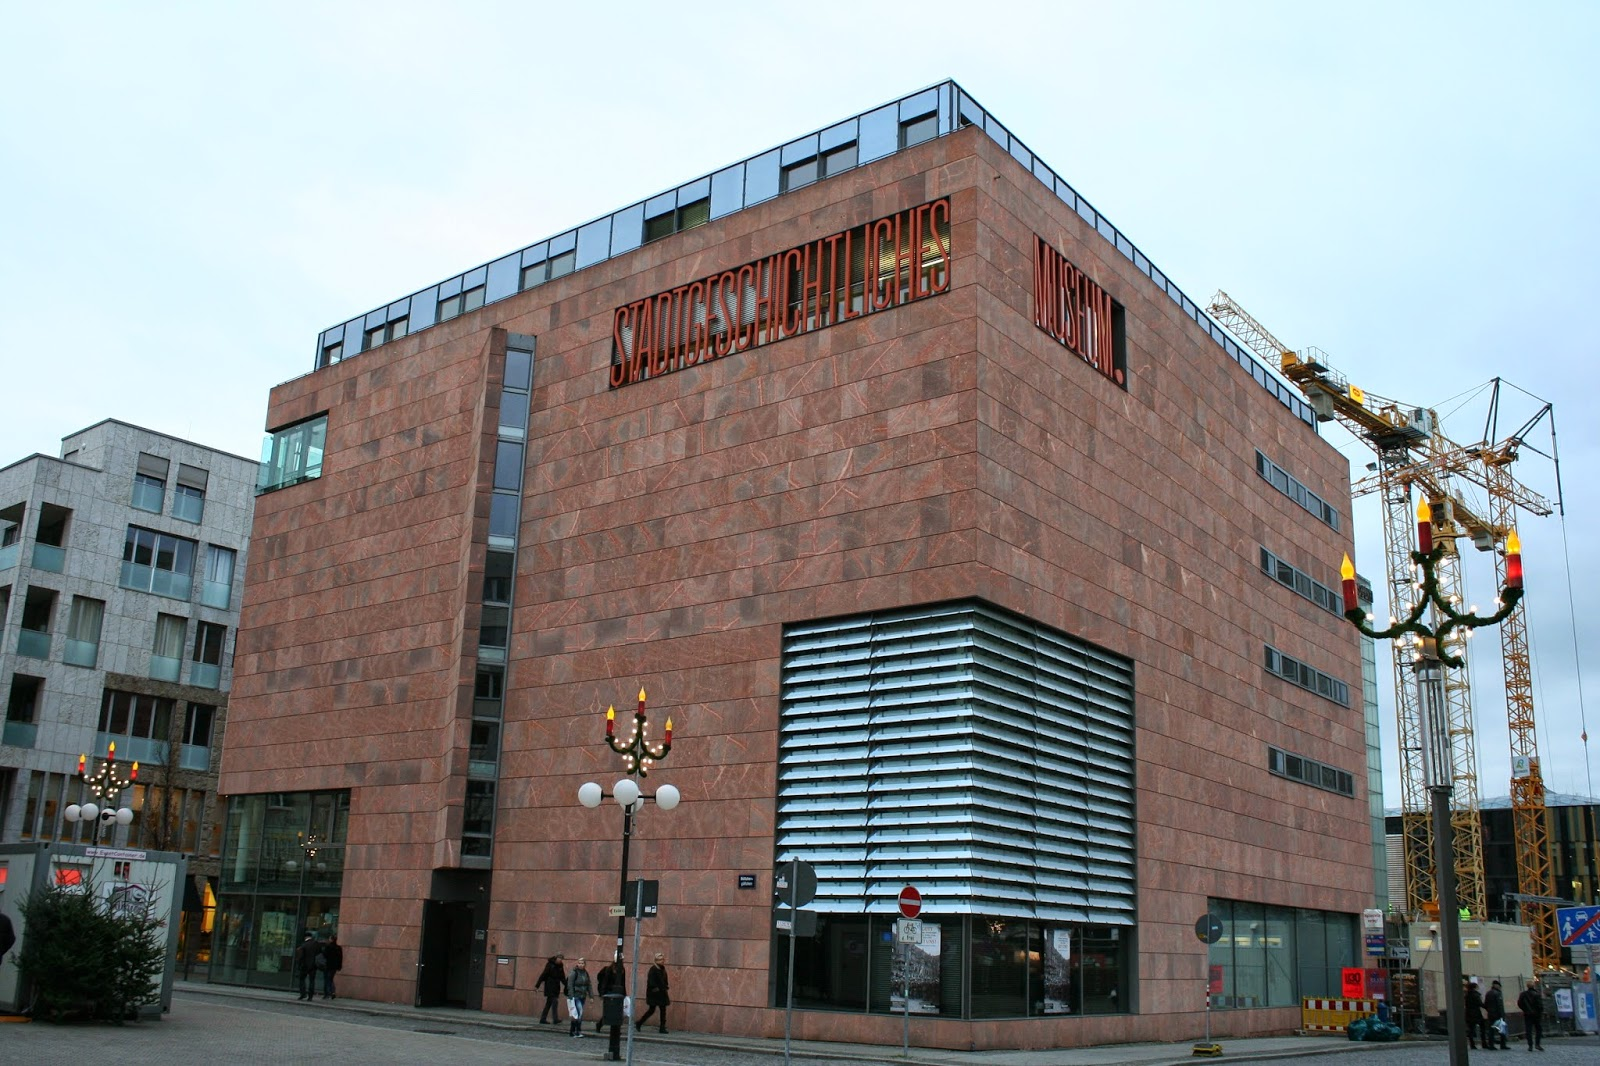 """Der Neubau des Stadtgeschichtlichen Museums im Böttchergäßchen wurde 2004 eröffnet - hier ist jedoch nur ein Teil des ganzen untergebracht, denn auch das Alte Rathaus am Marktplatz gehört wie einige andere Einrichtungen zum """"Stadtgeschichtlichen Museum"""" - in diesem hier sind unter anderem die Direktion, Bibliothek, Fotothek und Verwaltung untergebracht - ausserdem sind hier Sonderausstellungen ebenso wie das Kinder- und Jugendmuseum """"Lipsikus"""".untergebracht"""